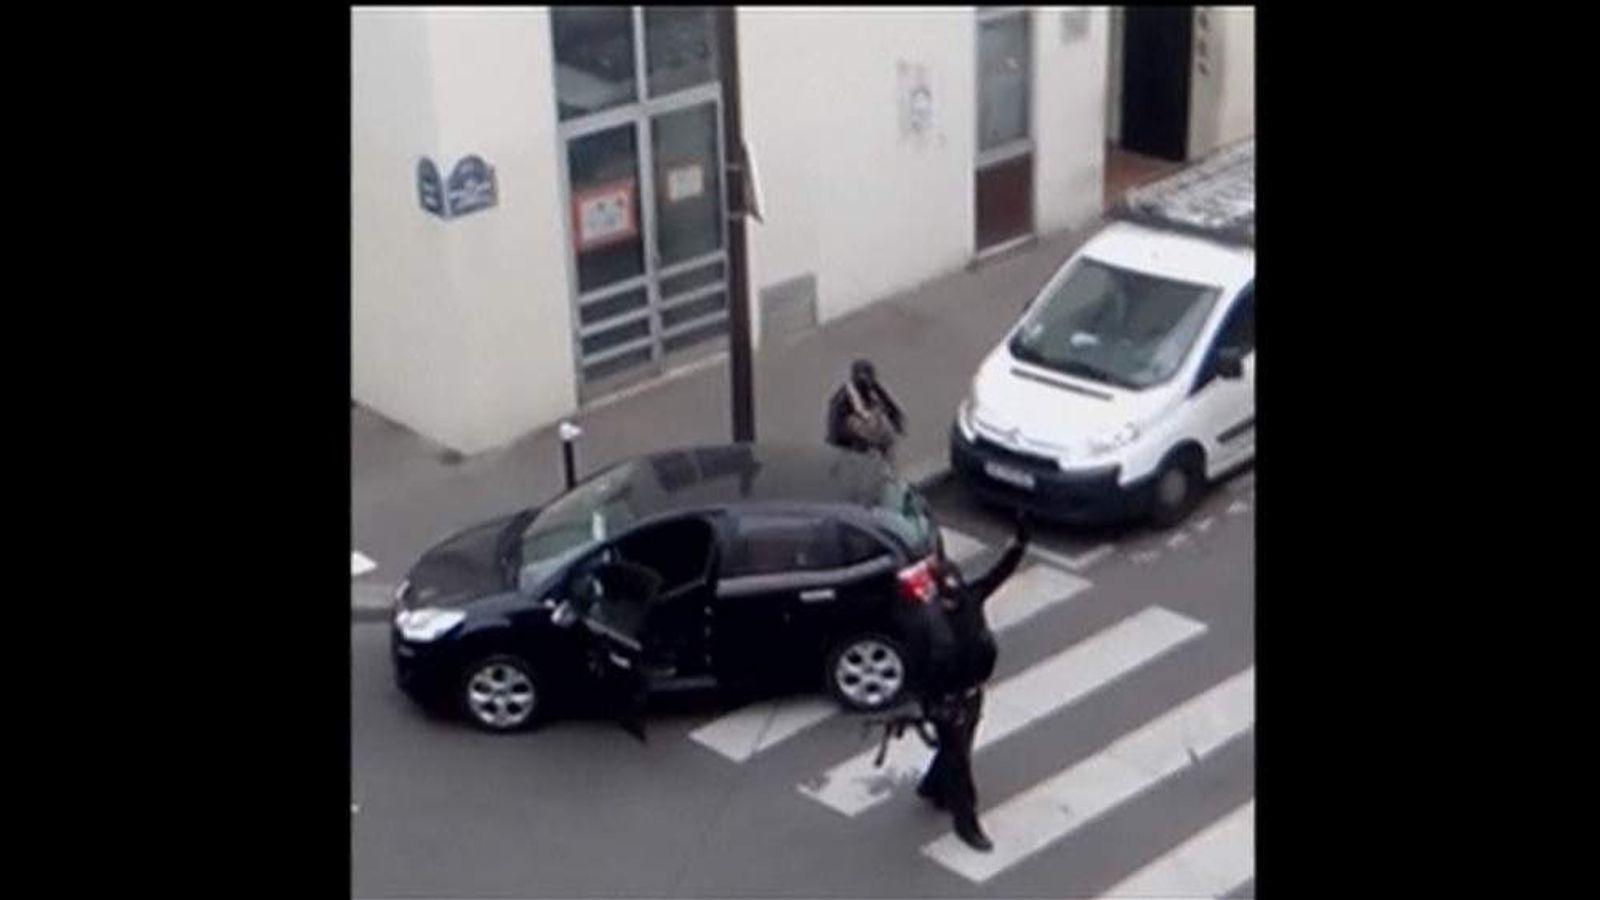 Paris shooters